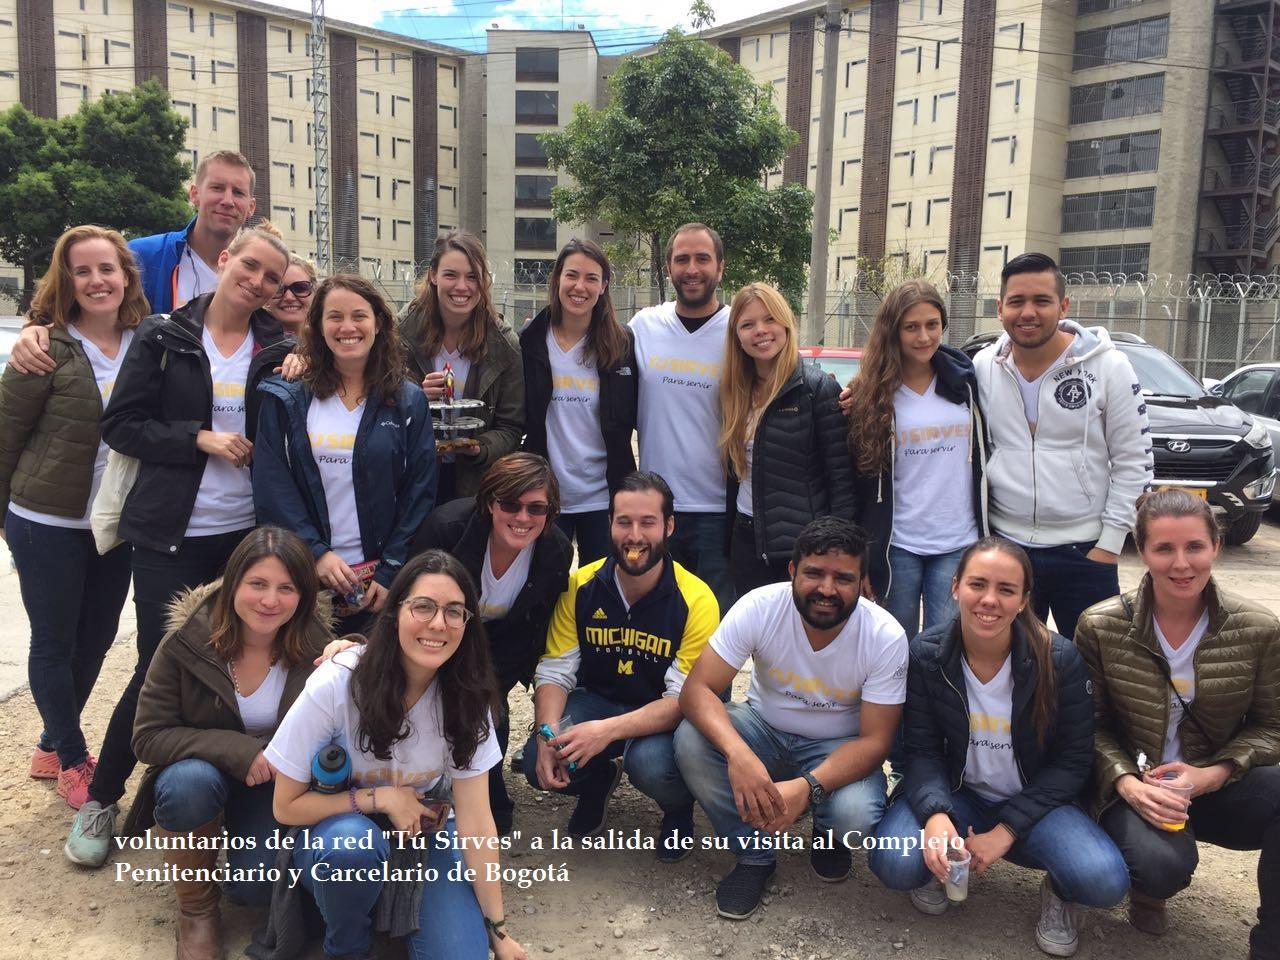 Voluntarios en la cárcel La Picota